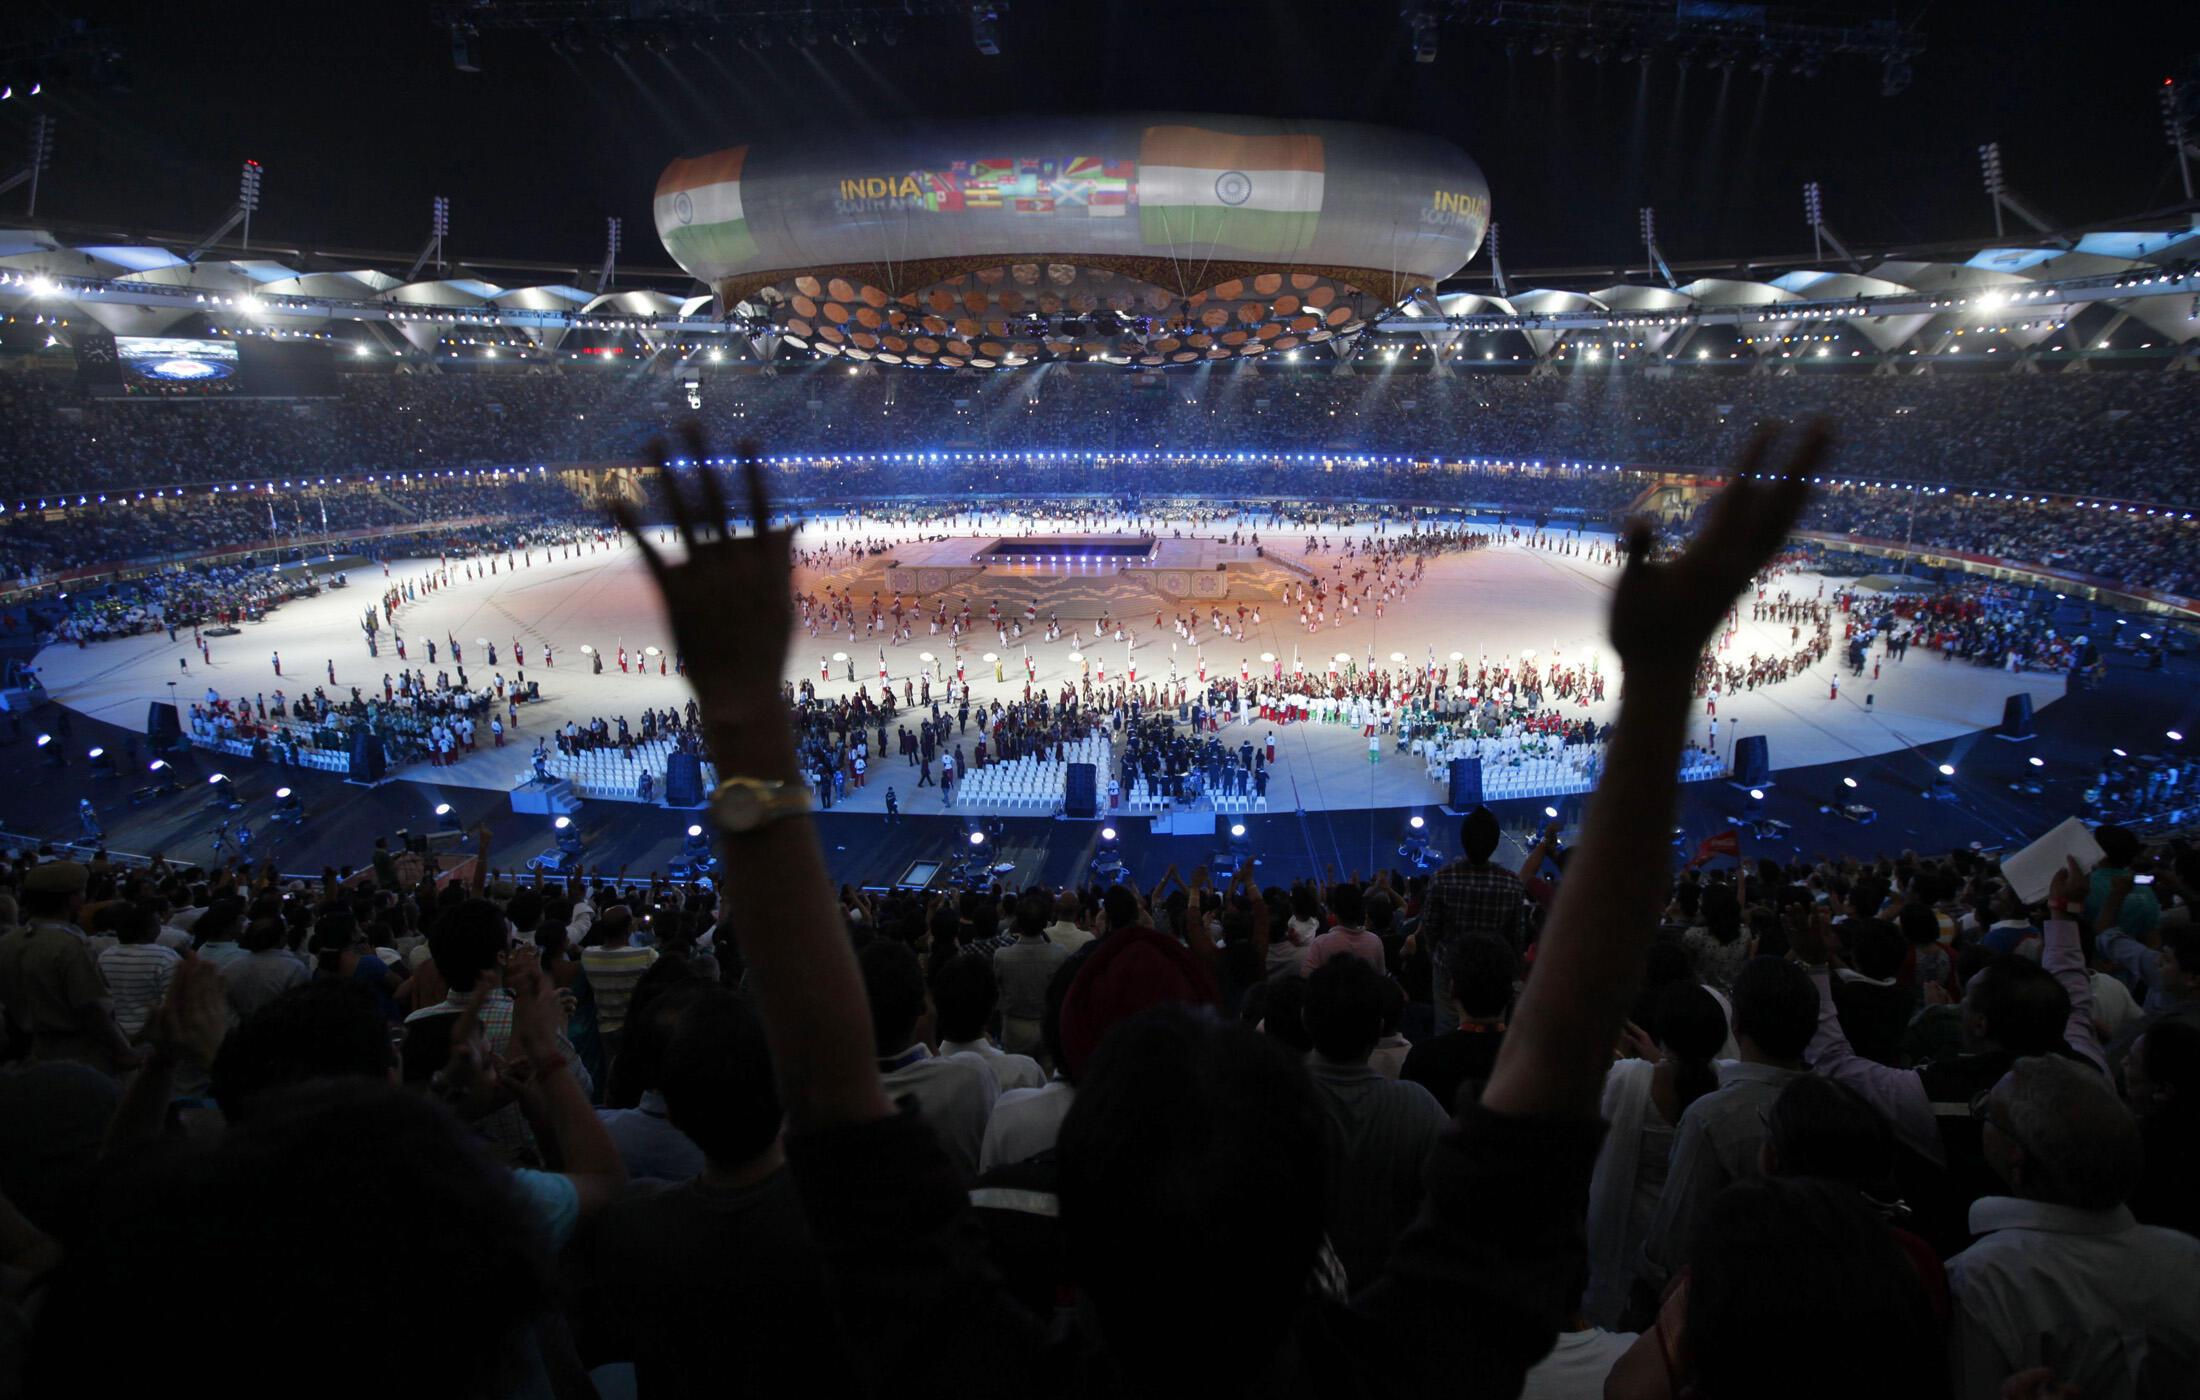 Quang cảnh lễ khai mạc Đại hội thể thao khối Thịnh vượng chung trên sân vận động Jawaharlal Nehru  tối 3/10/2010